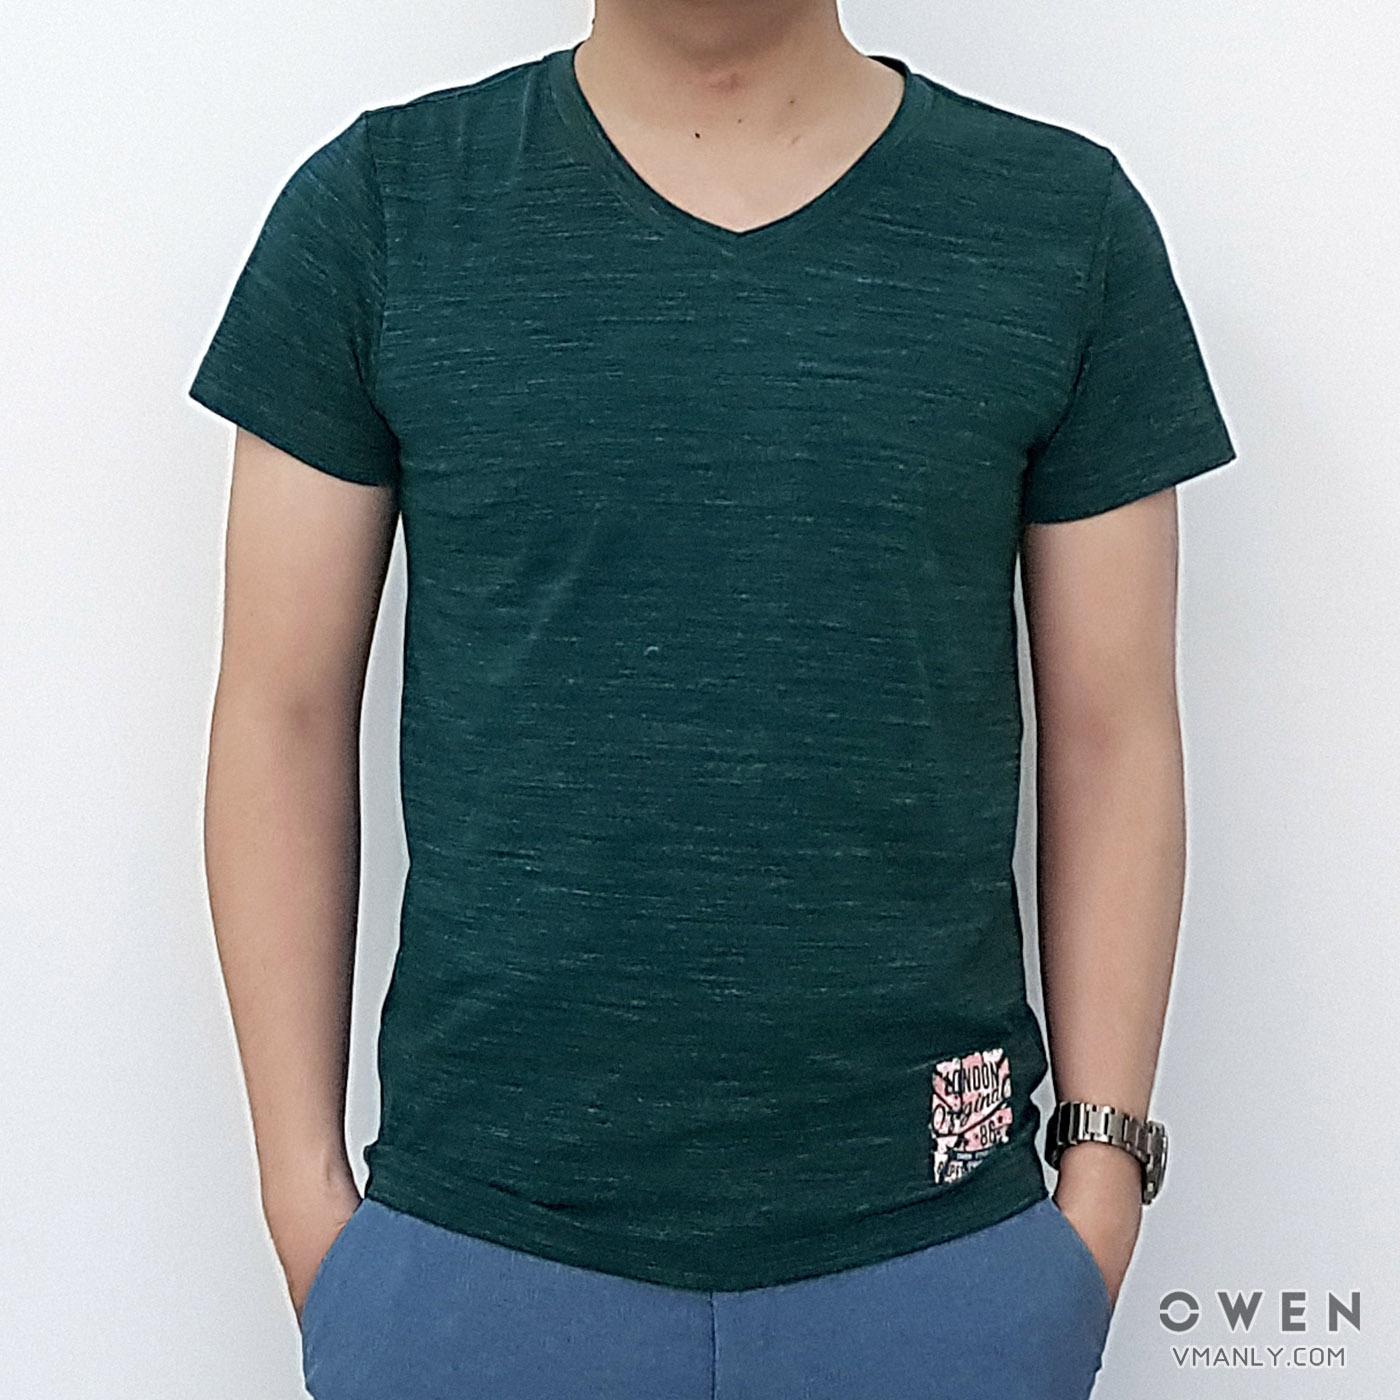 Áo T-shirt nam Owen cổ tim màu xanh đậm TS18241N